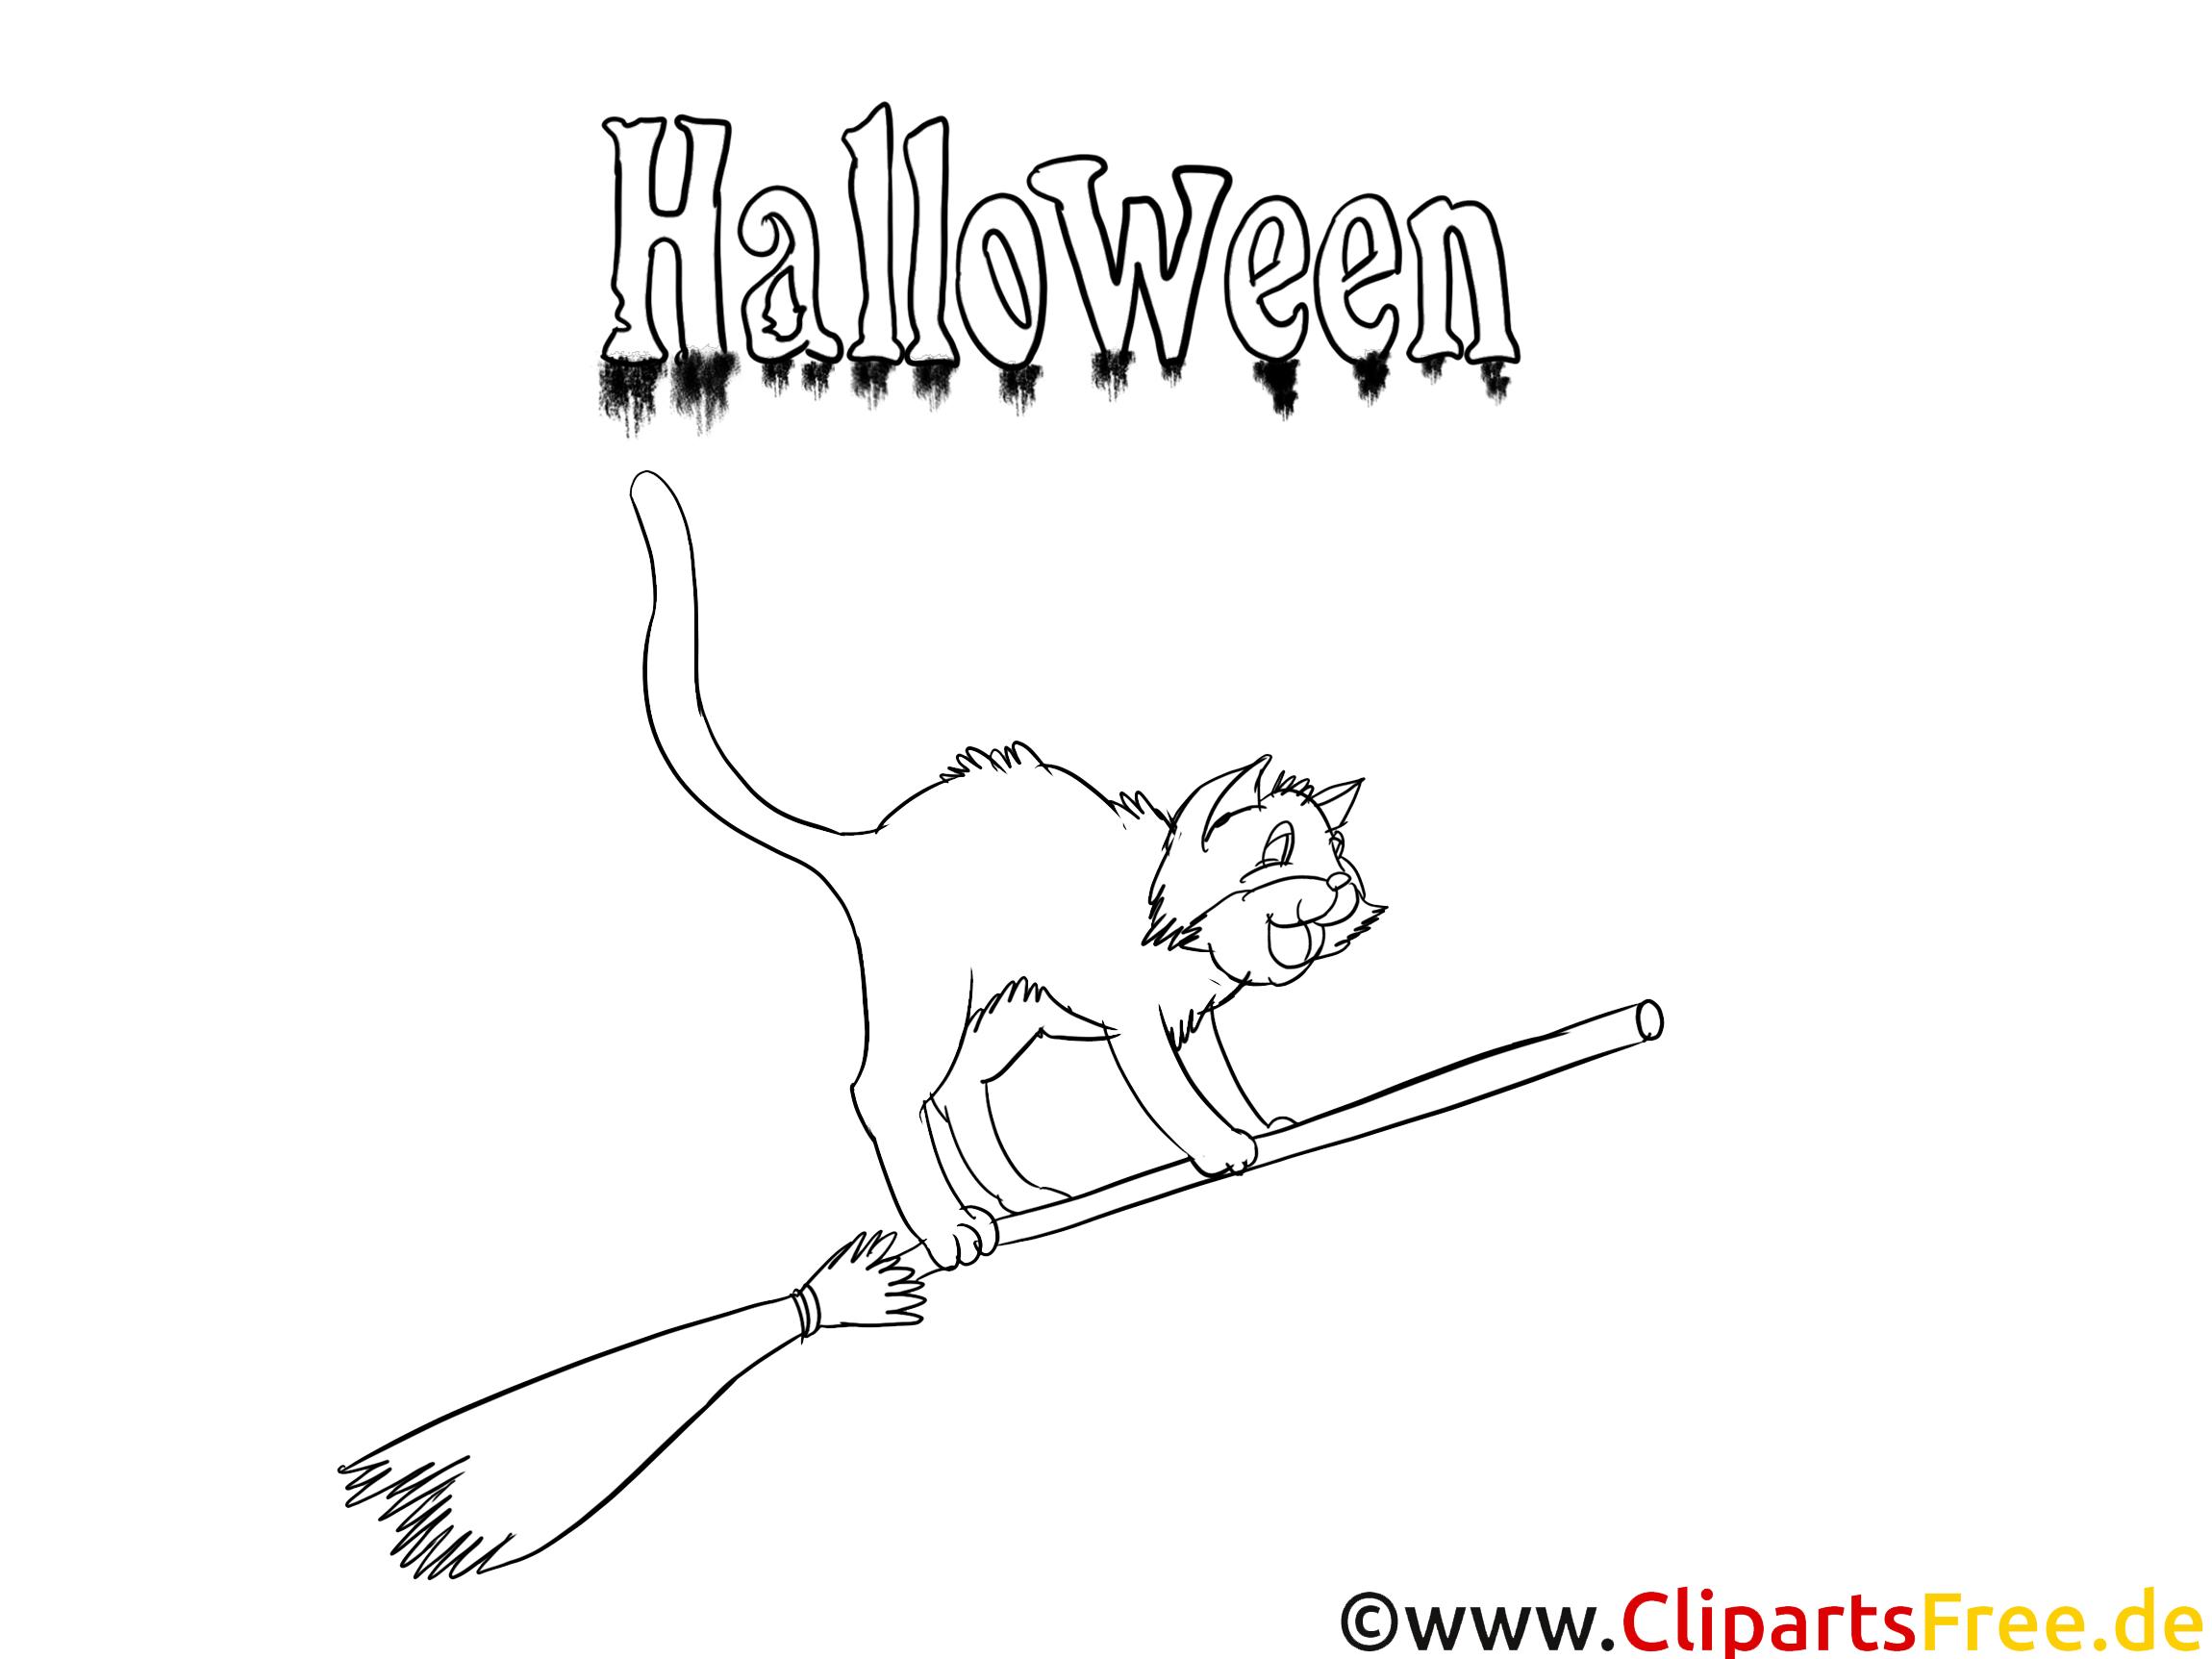 Bilder von Halloween zum Ausmalen und Drucken